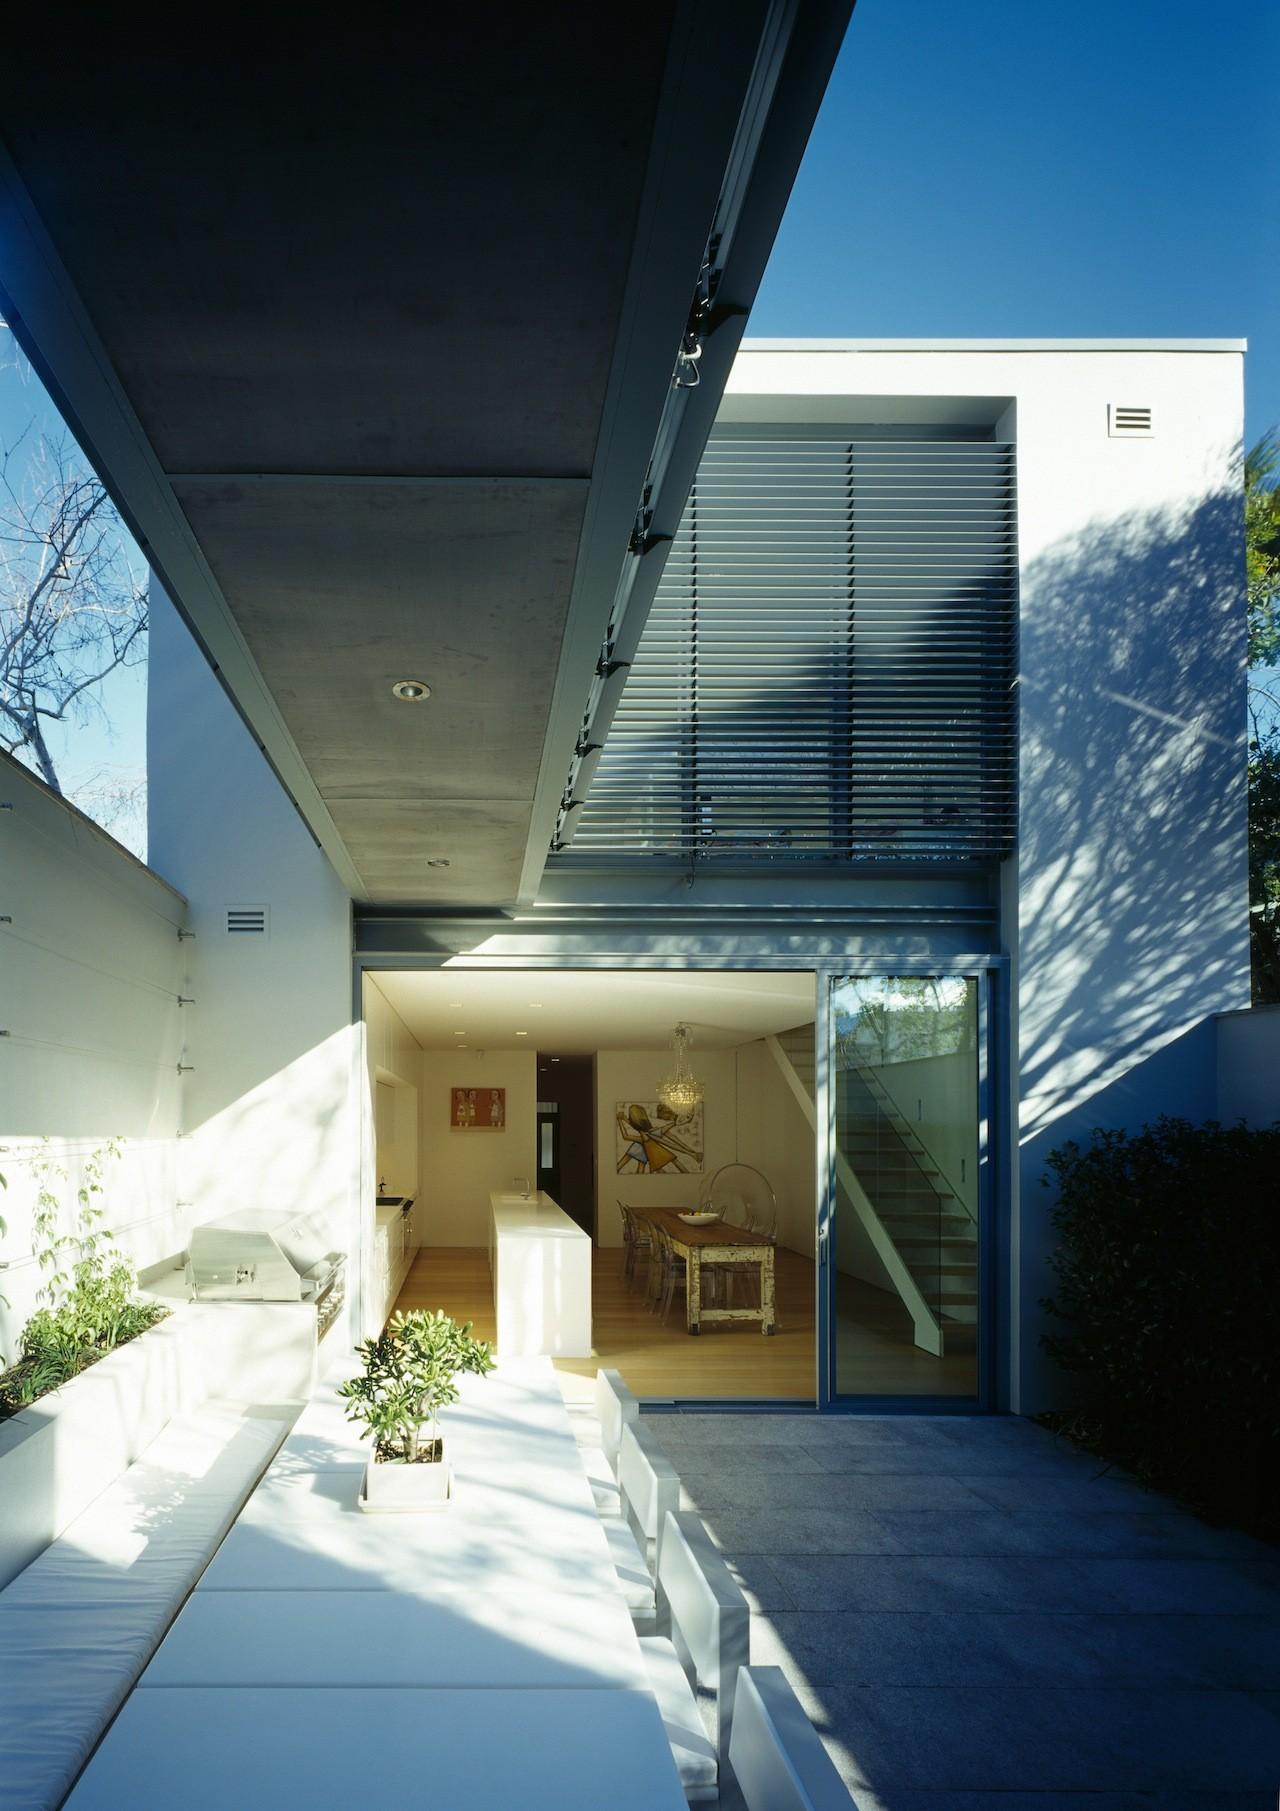 Fink House / Ian Moore Architects, © Brett Boardman